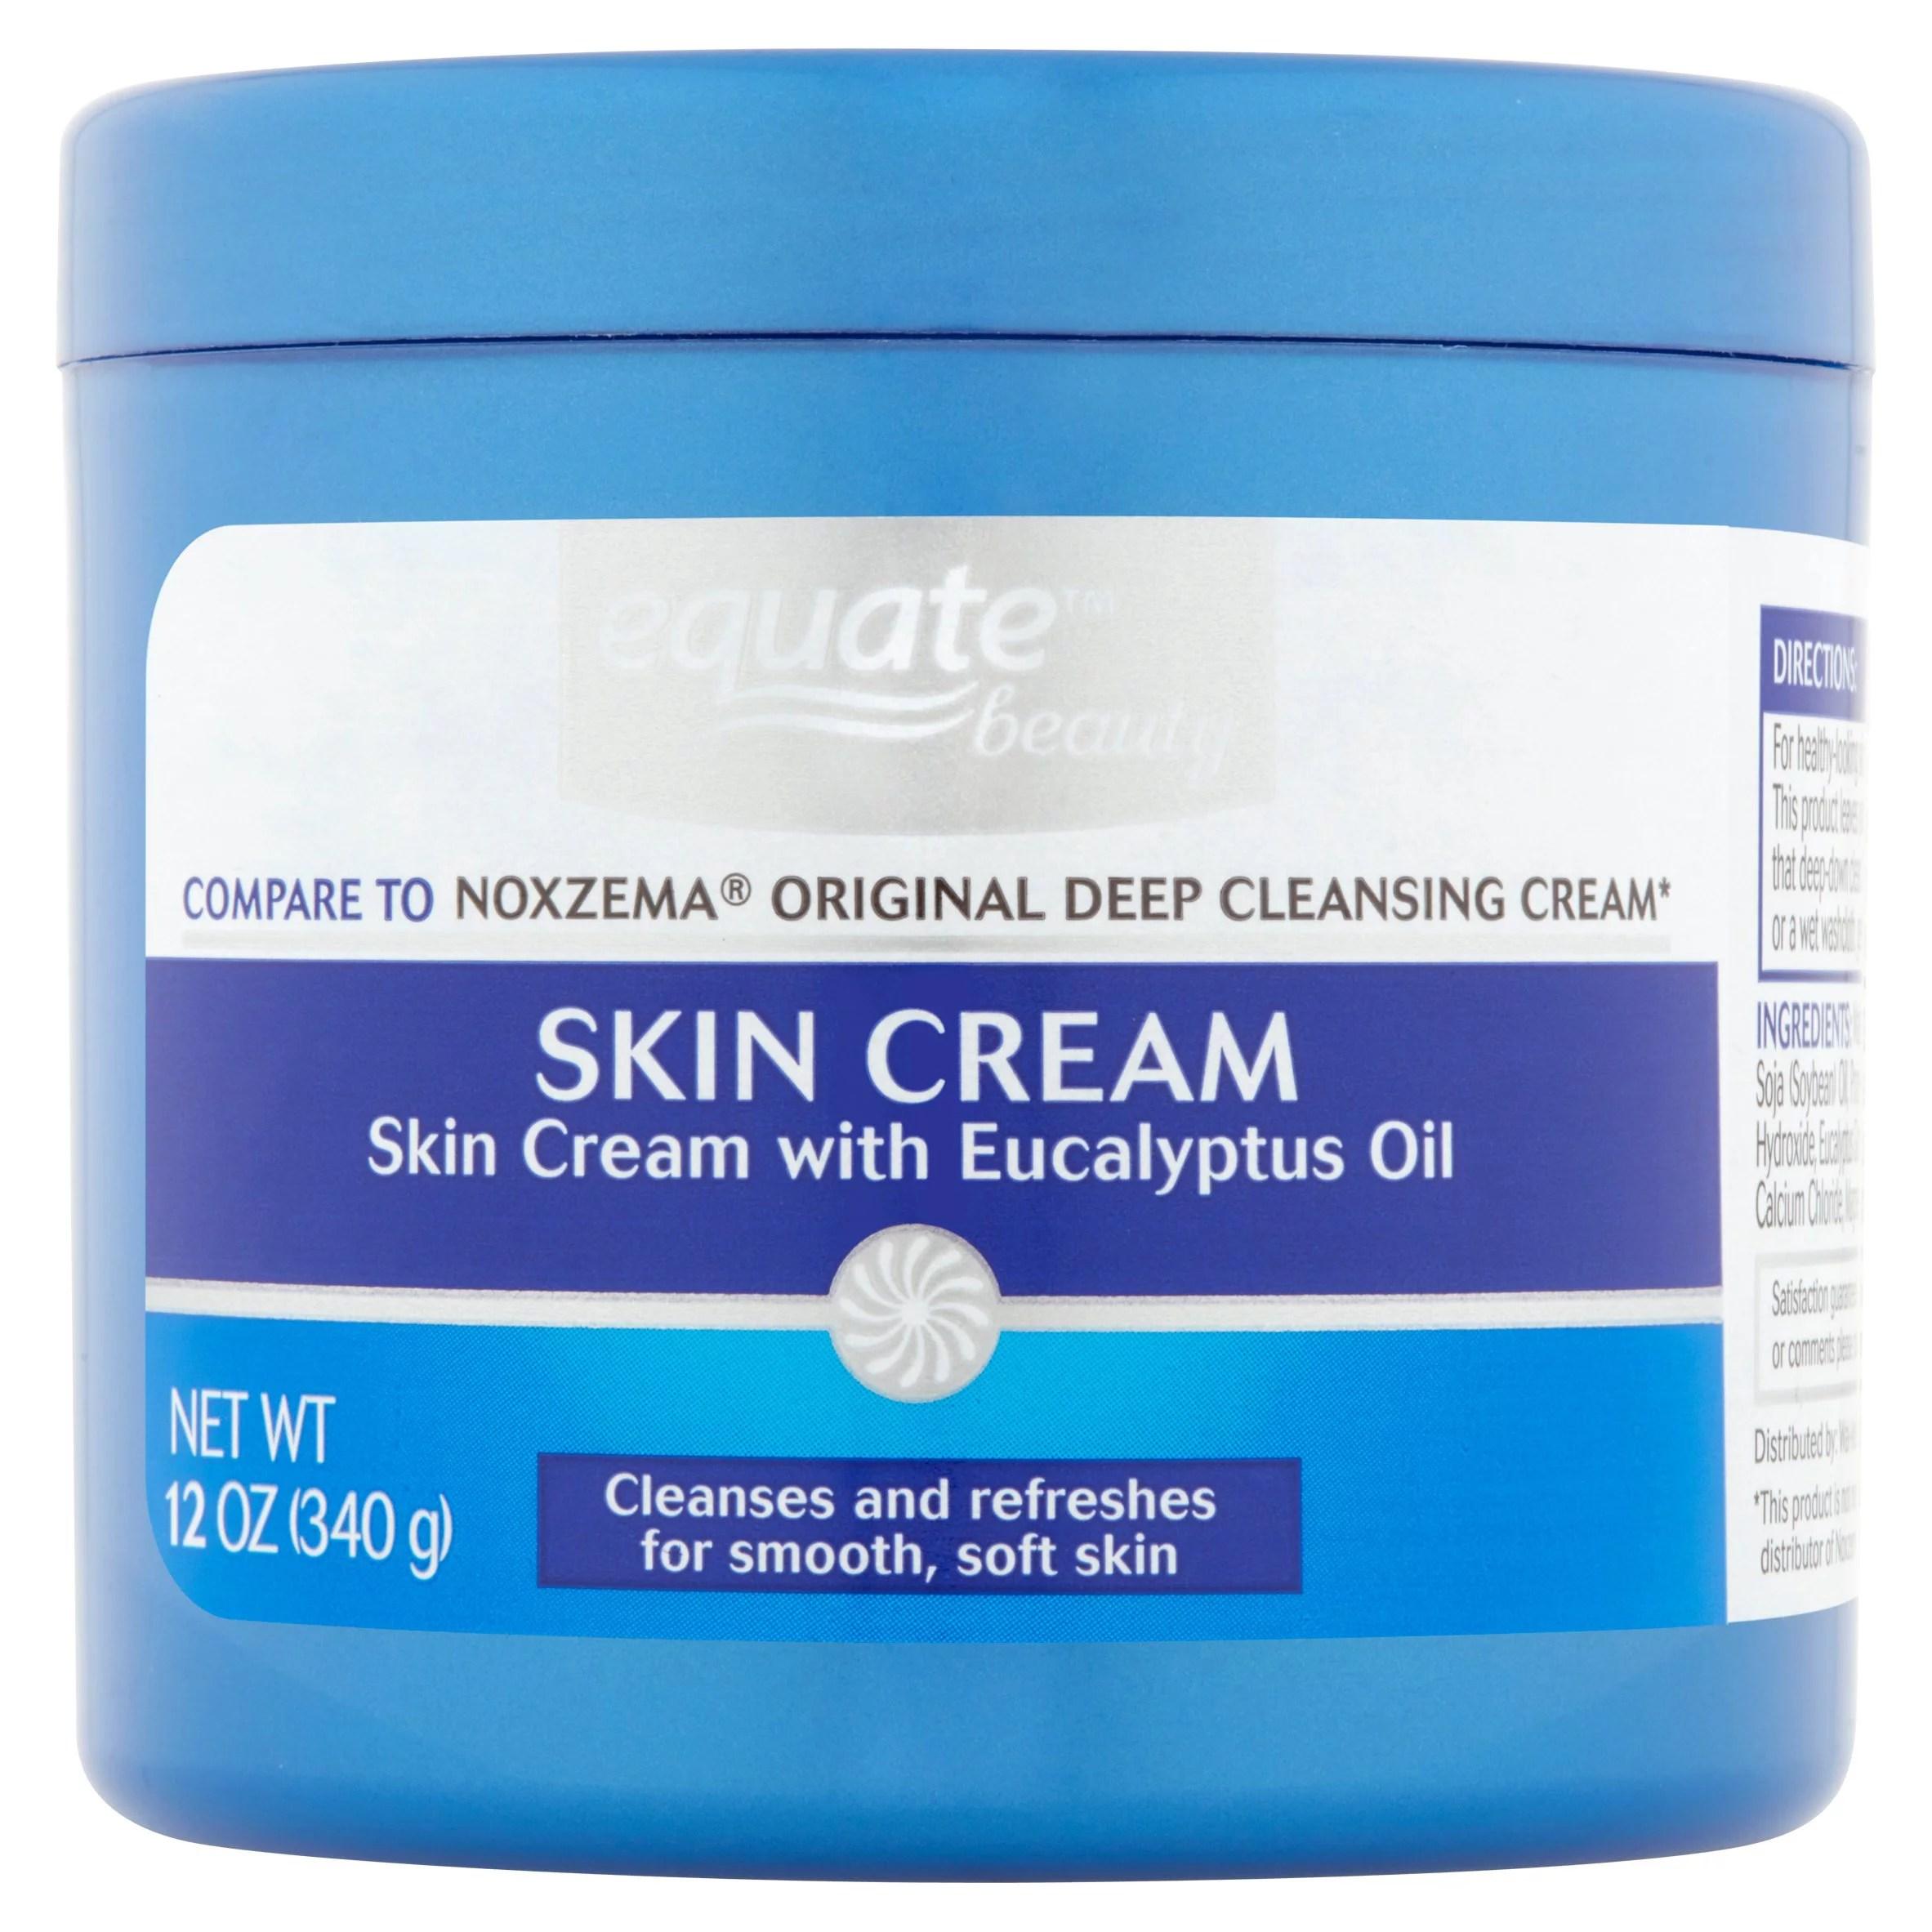 Equate Deep Cleansing Skin Cream 12 Oz - Walmart.com ...